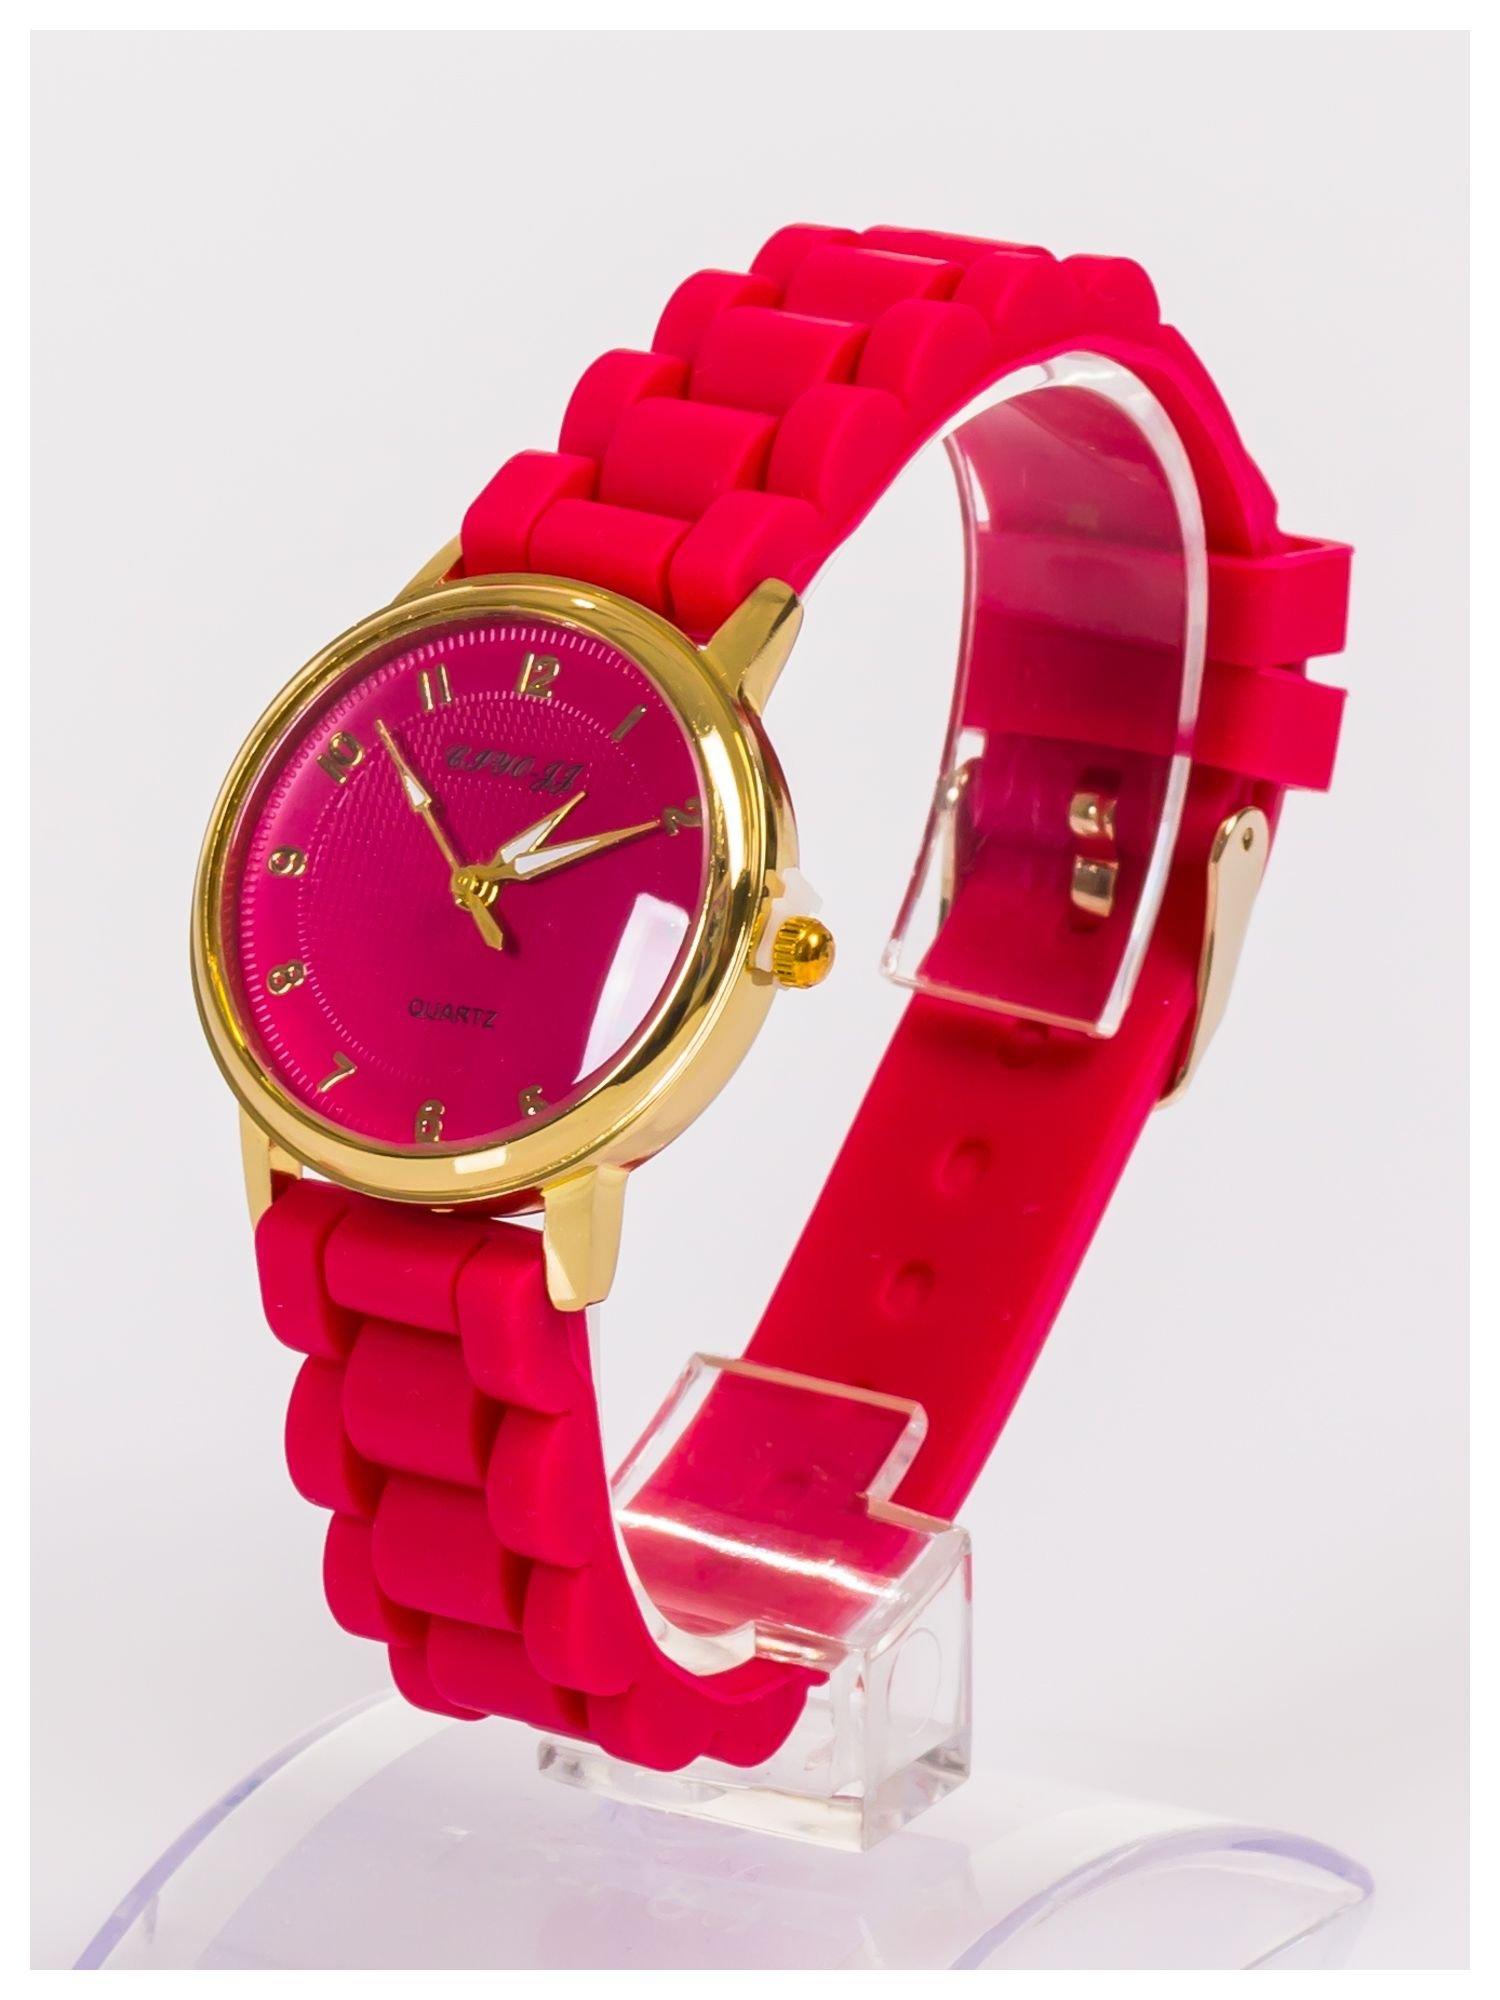 Klasyczny damski zegarek na wygodnym silikonowym pasku                                  zdj.                                  2